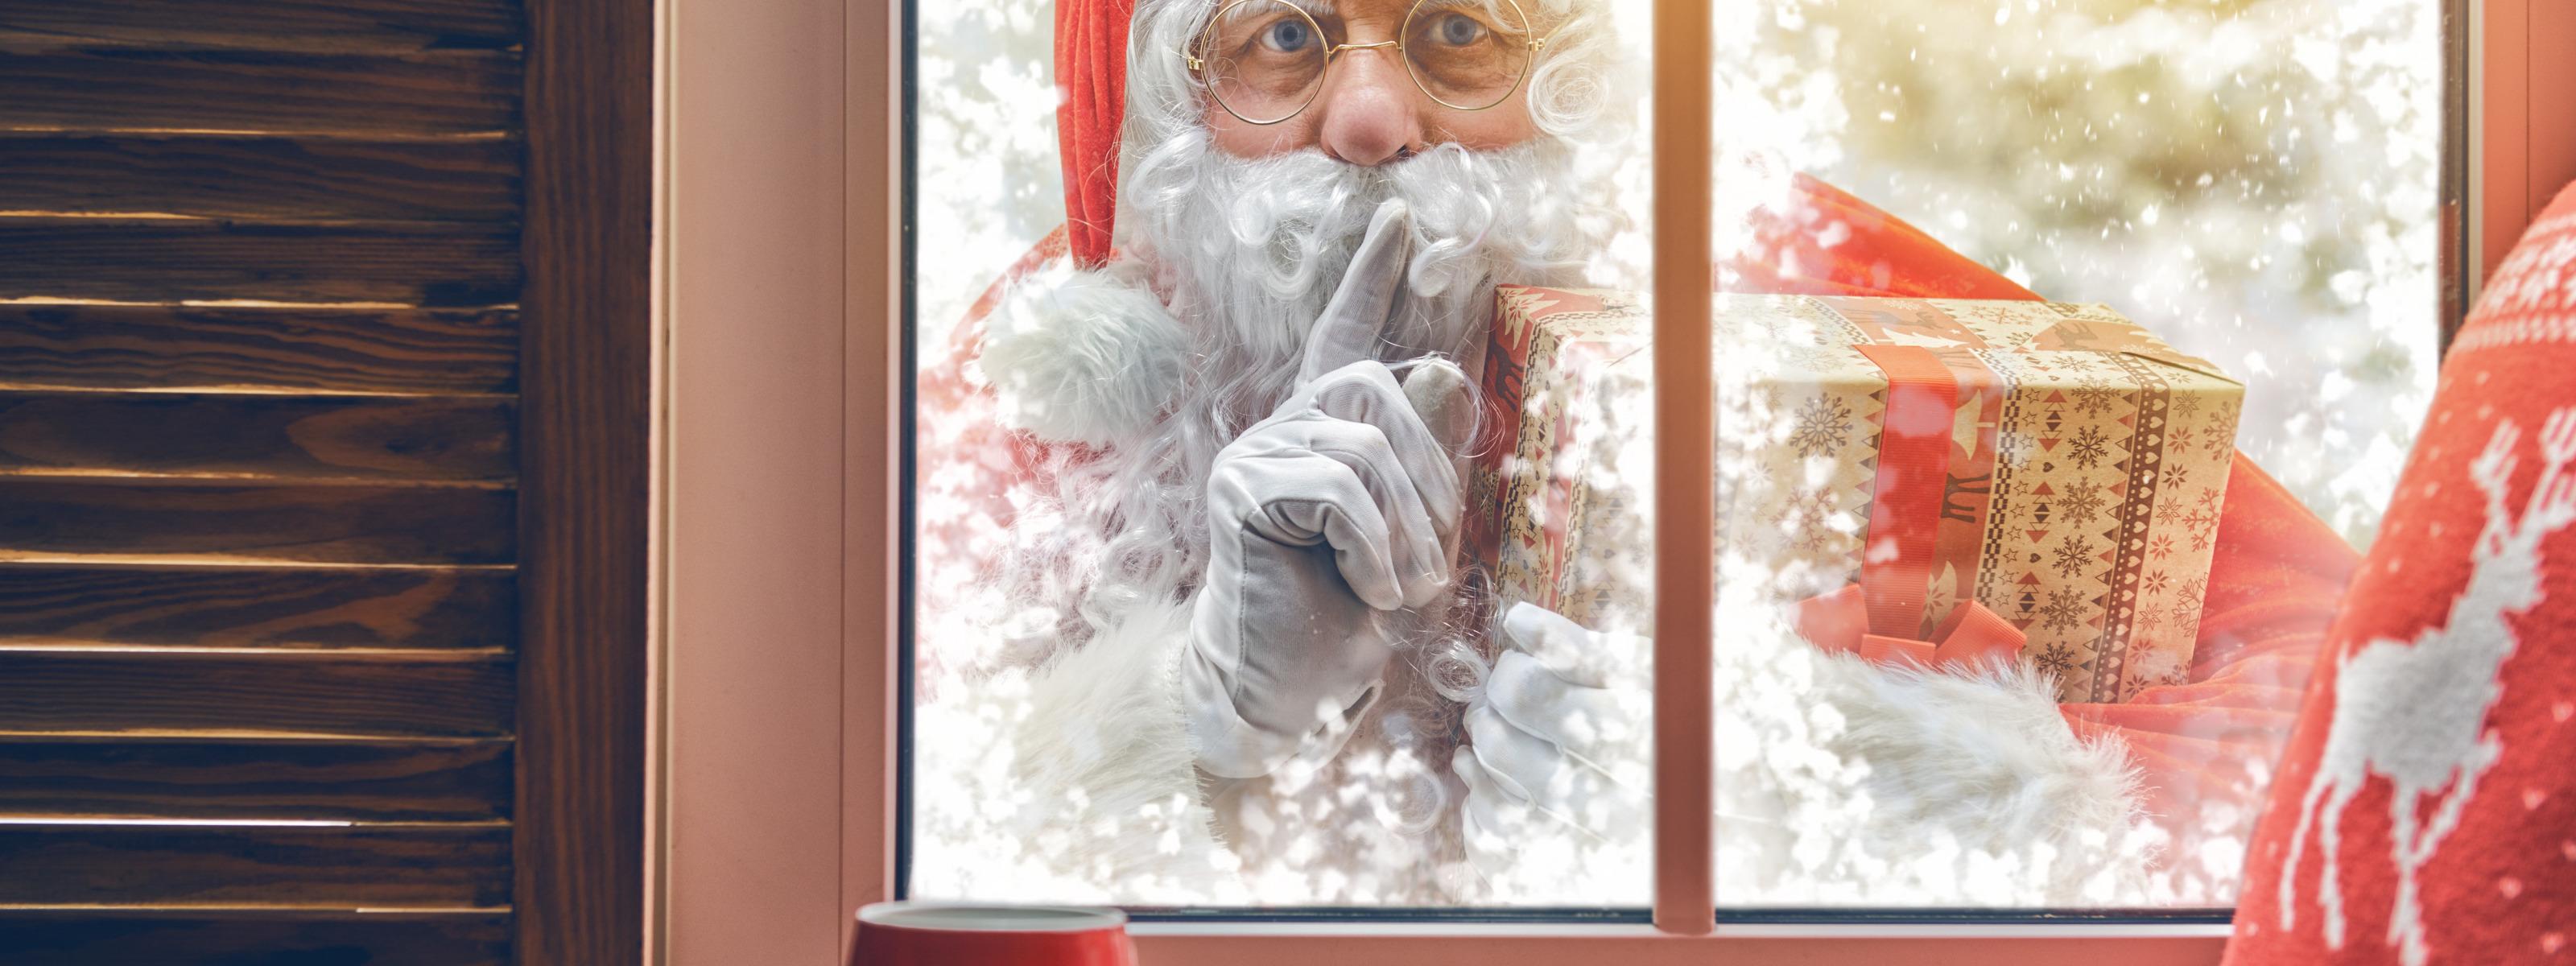 картинки гиф дед мороз дует снег с наступающим подборка самых